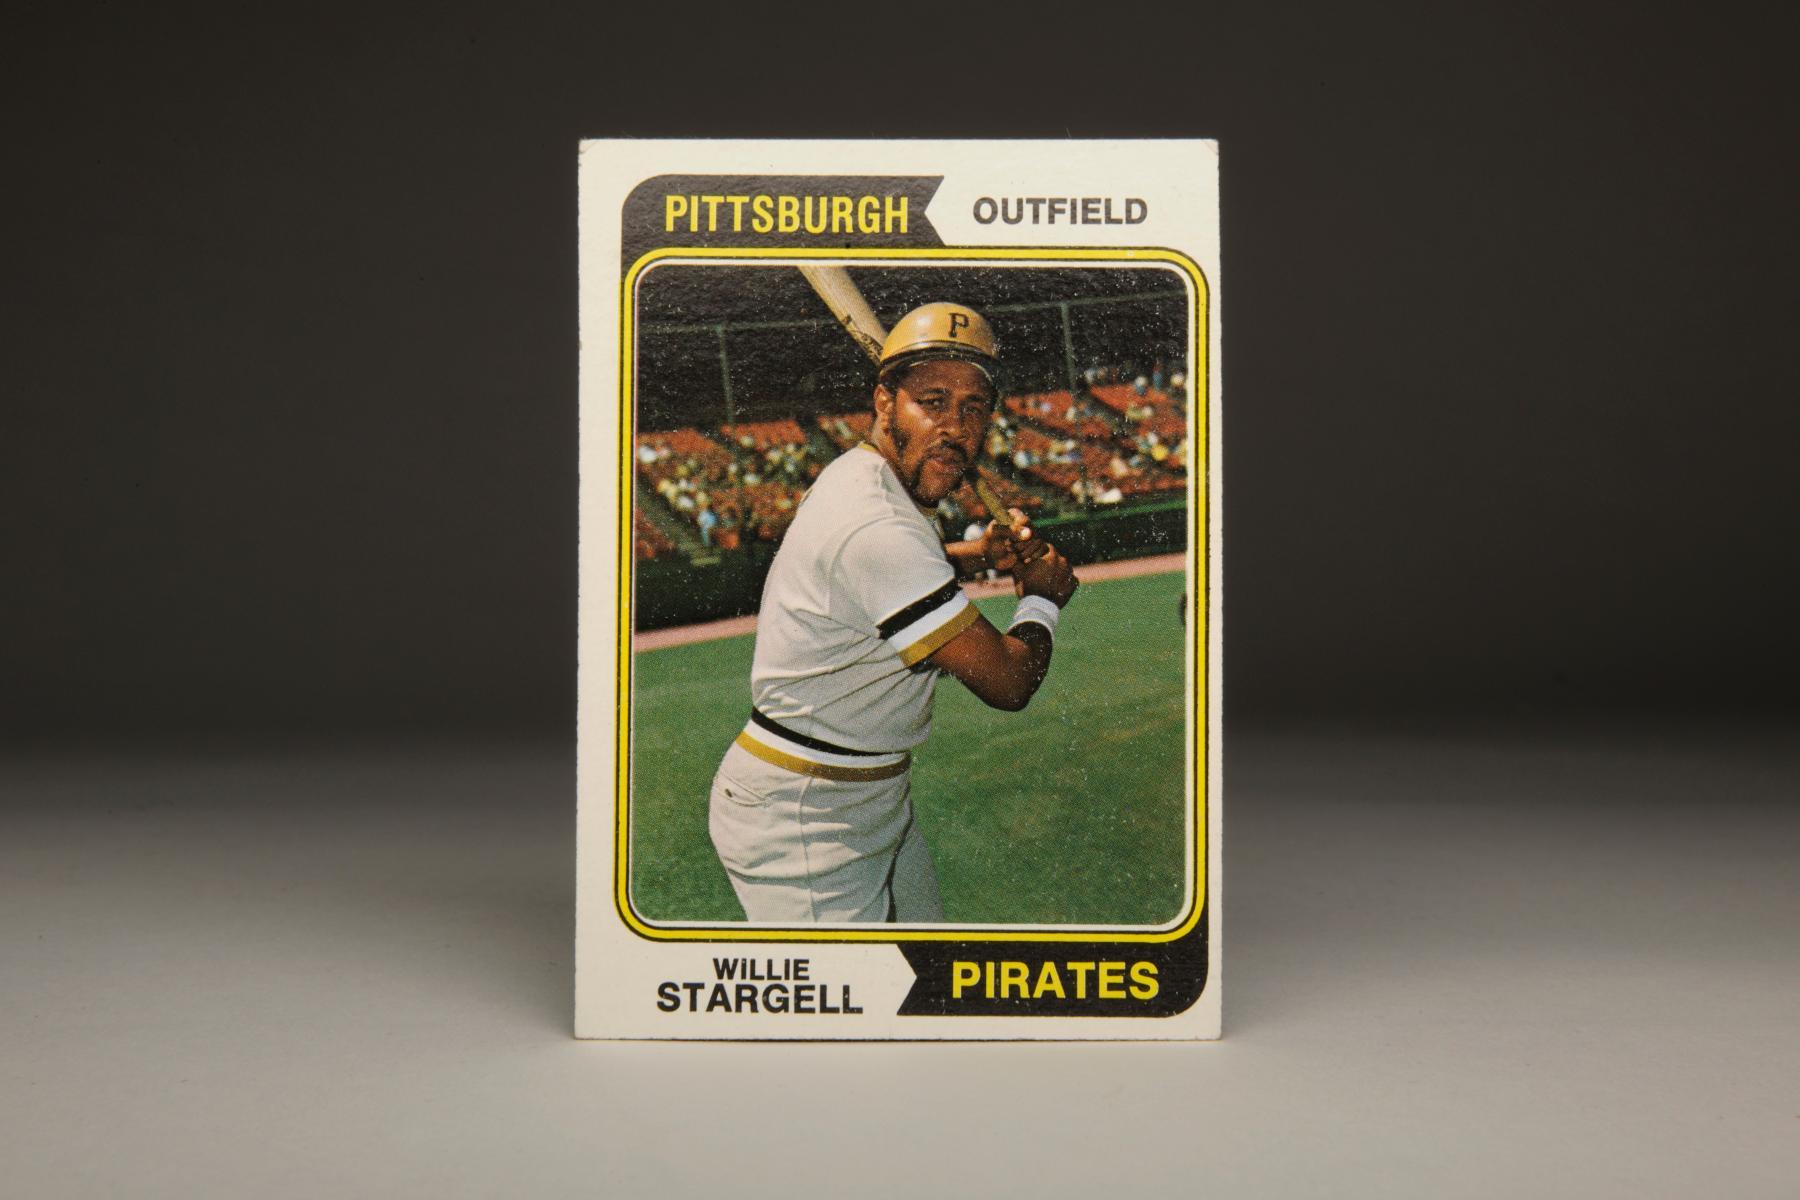 1974 Willie Stargell Topps card. (Milo Stewart Jr. / National Baseball Hall of Fame)